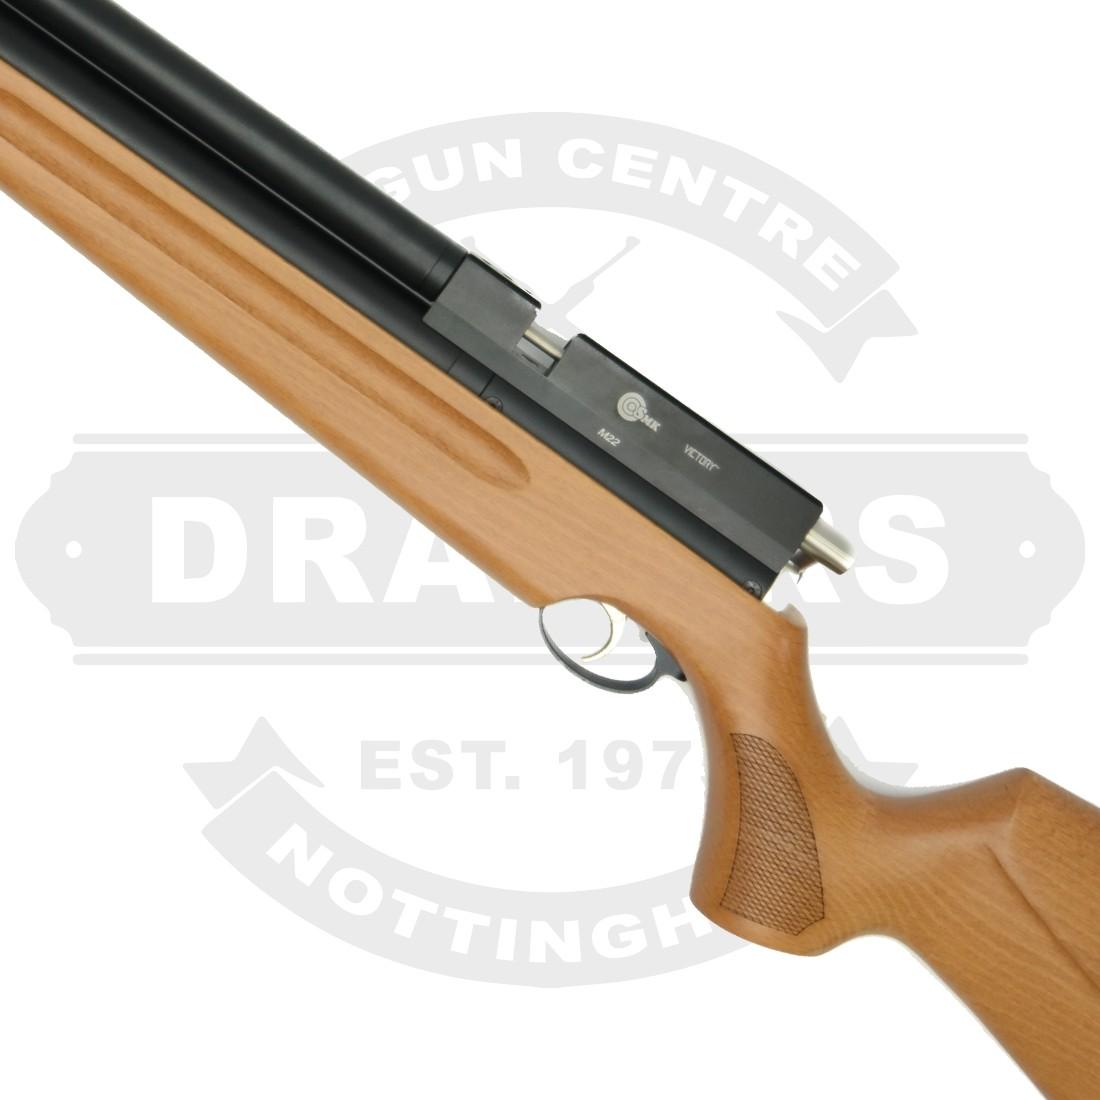 SMK Artemis M22  22 - Air Rifles New - New Air Guns - Airguns